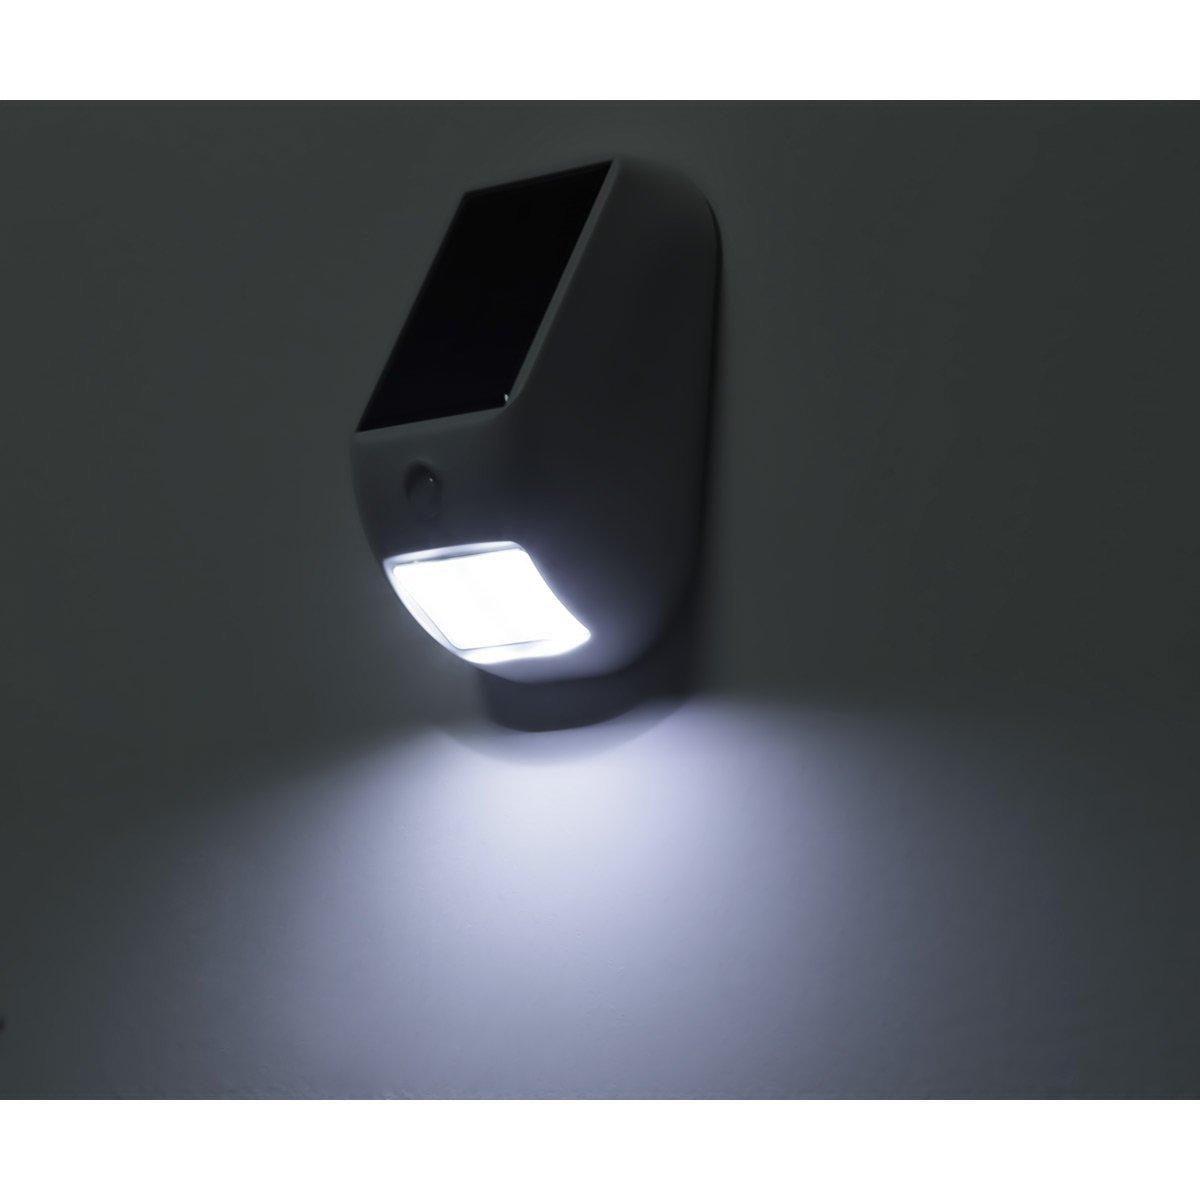 Lampade solari da esterno: lampada solare a led da esterno ...